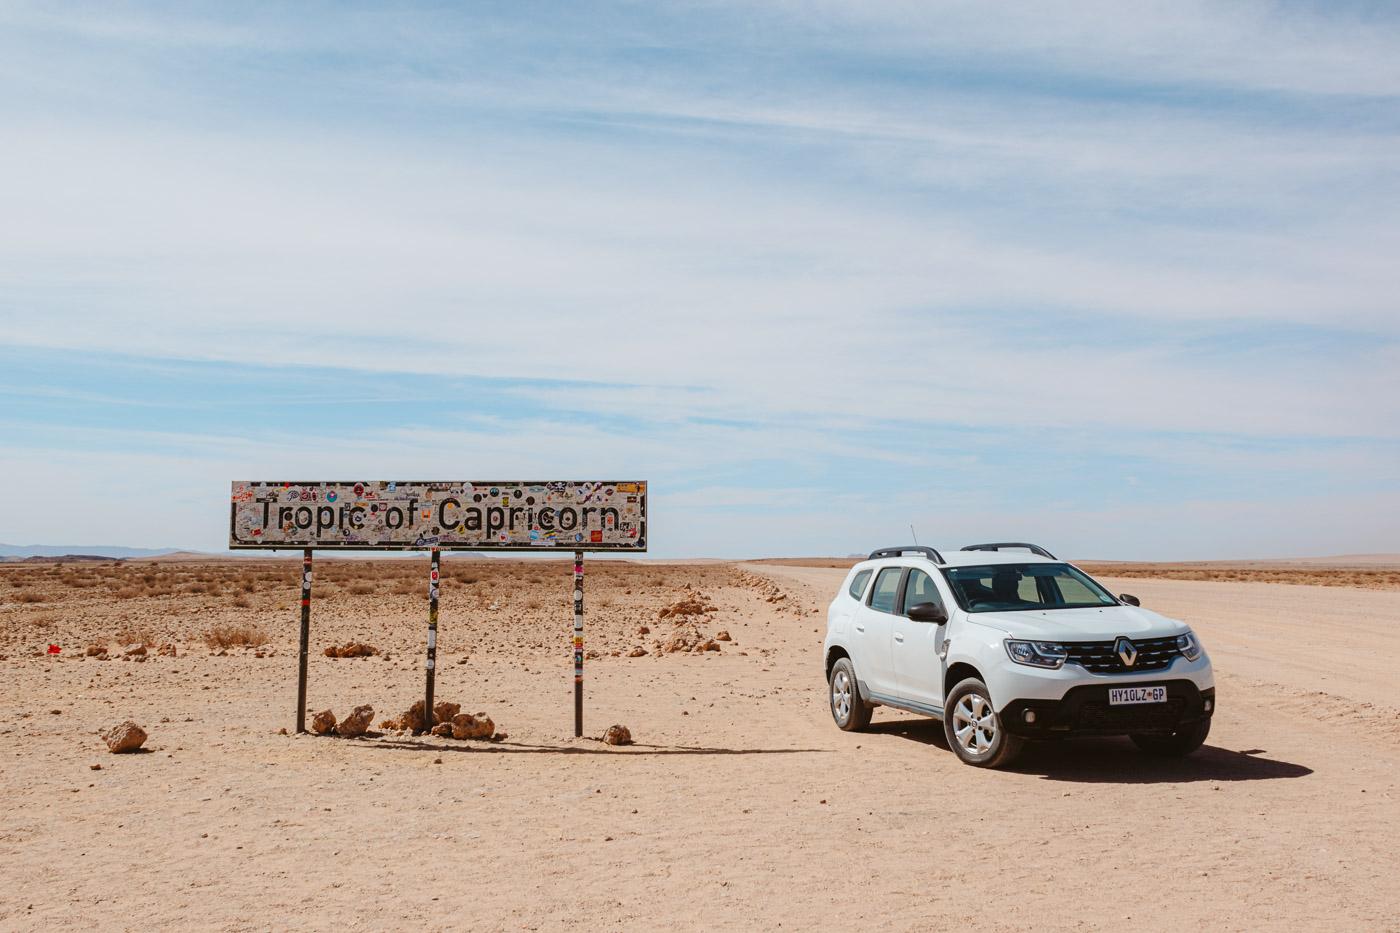 Rondreis Namibie tropic of capricorn